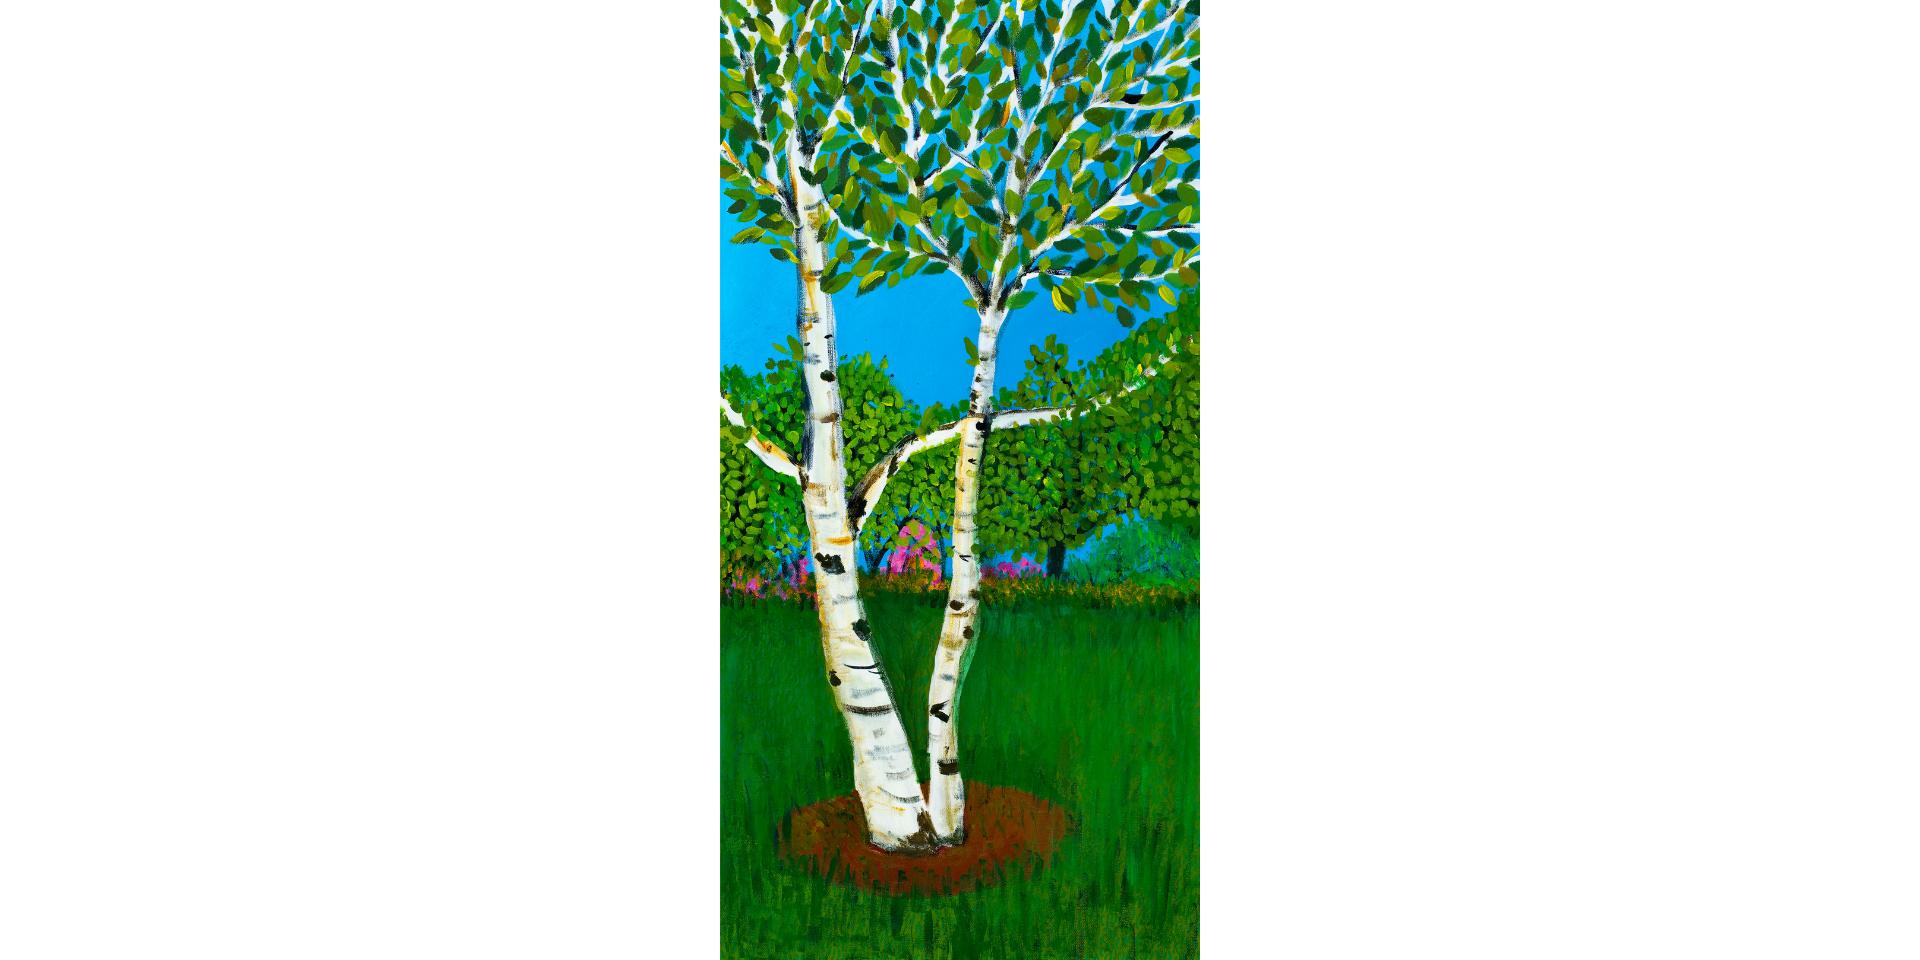 Birch Trees in the Garden